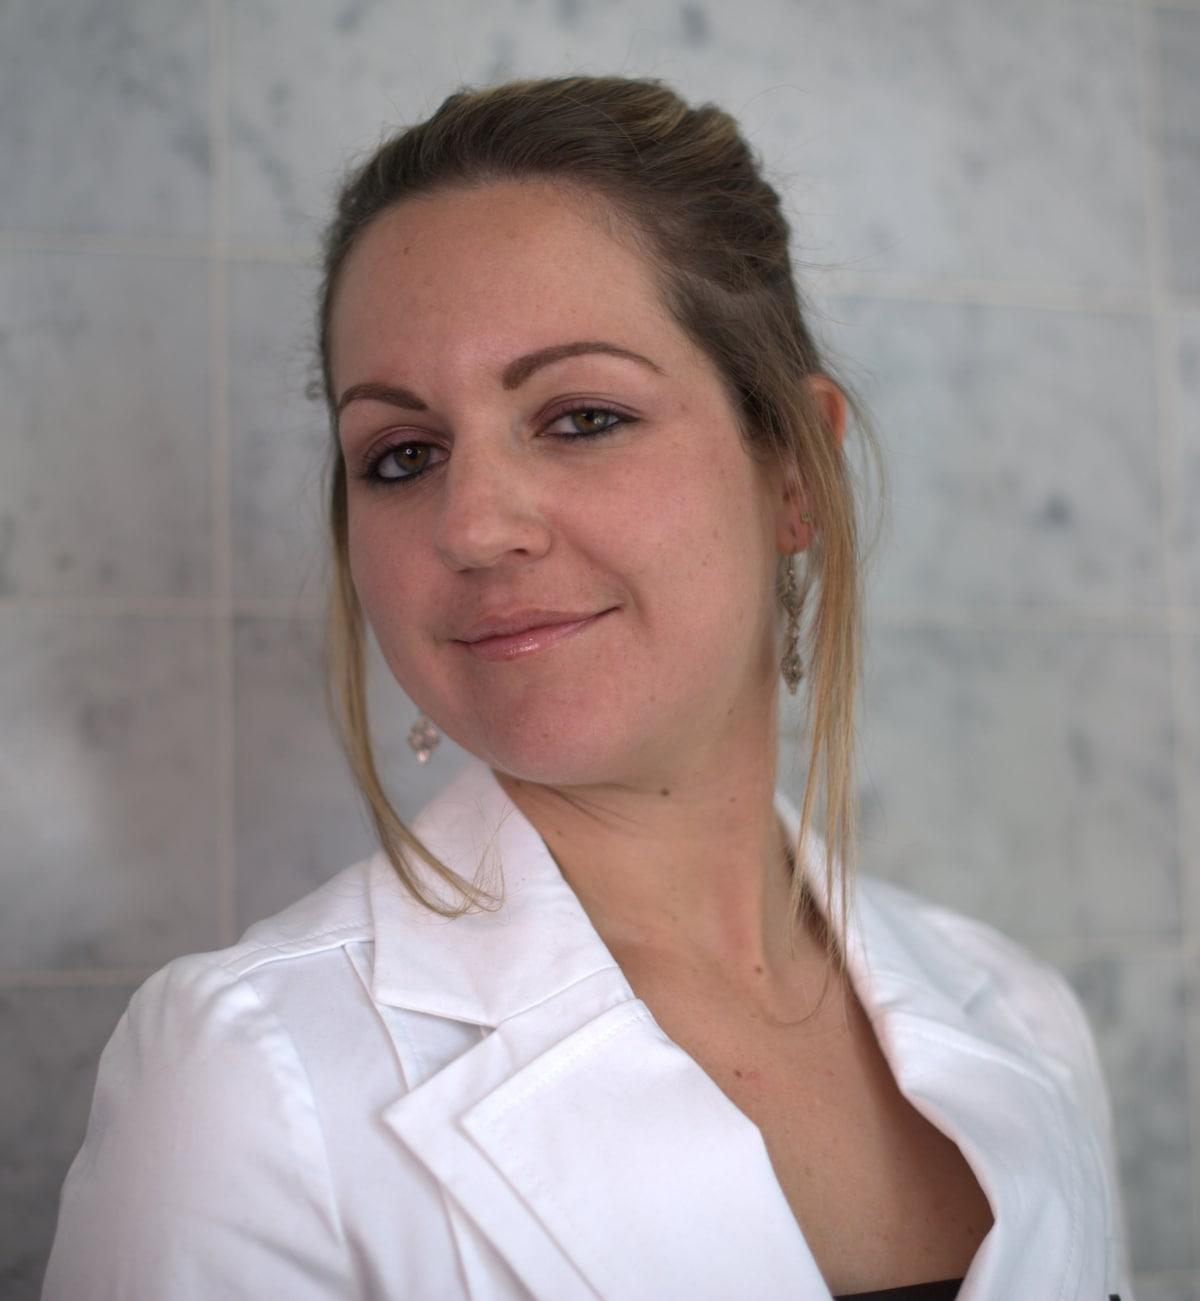 Kristina from Montréal